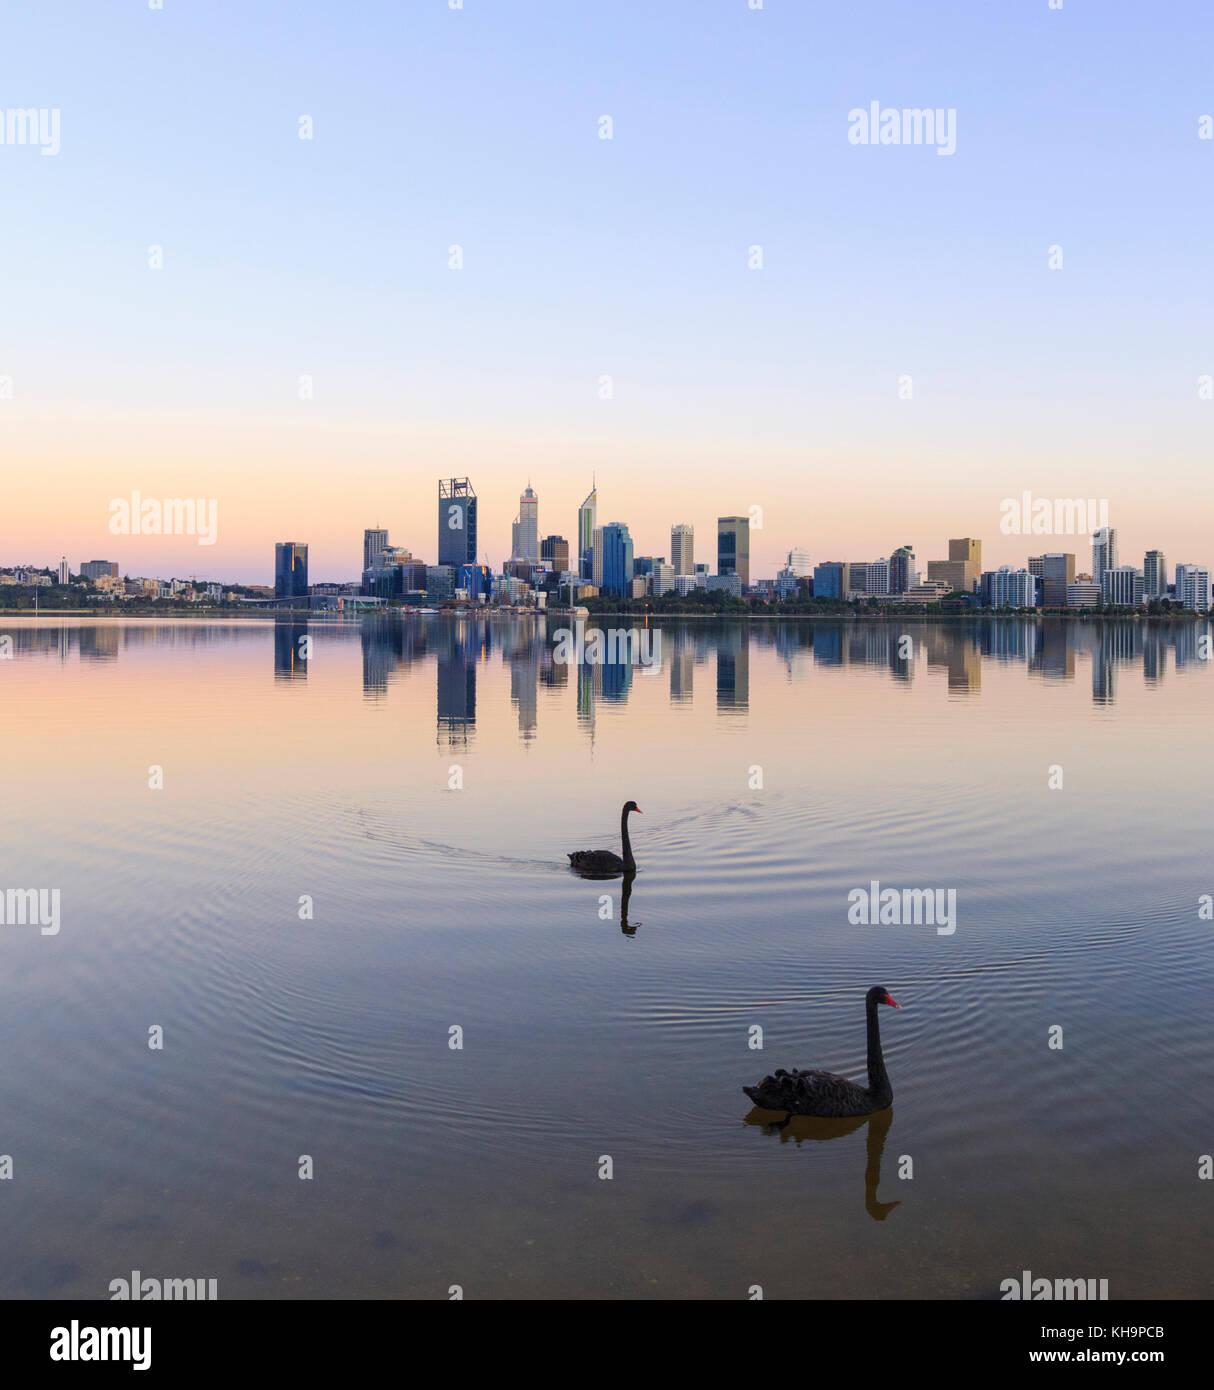 Zwei schwarze Schwäne auf dem Swan River bei Sonnenaufgang. Stockbild